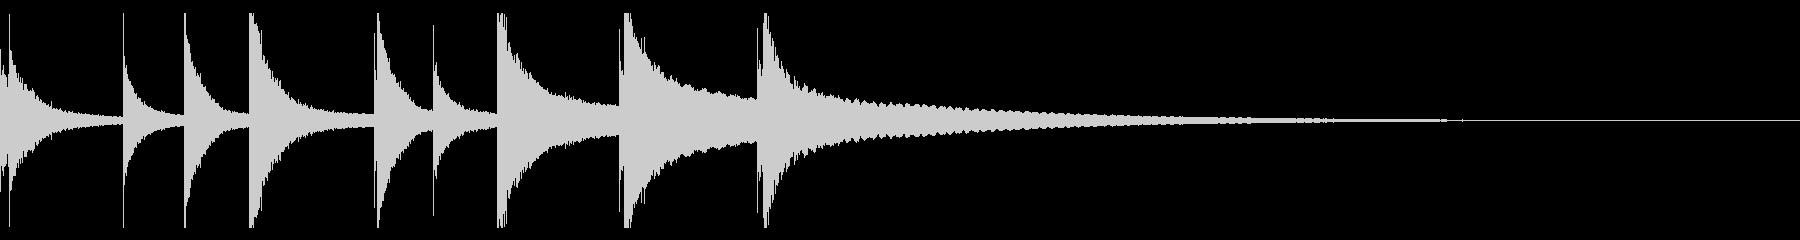 オーケストラベルズ:ミュージックボ...の未再生の波形